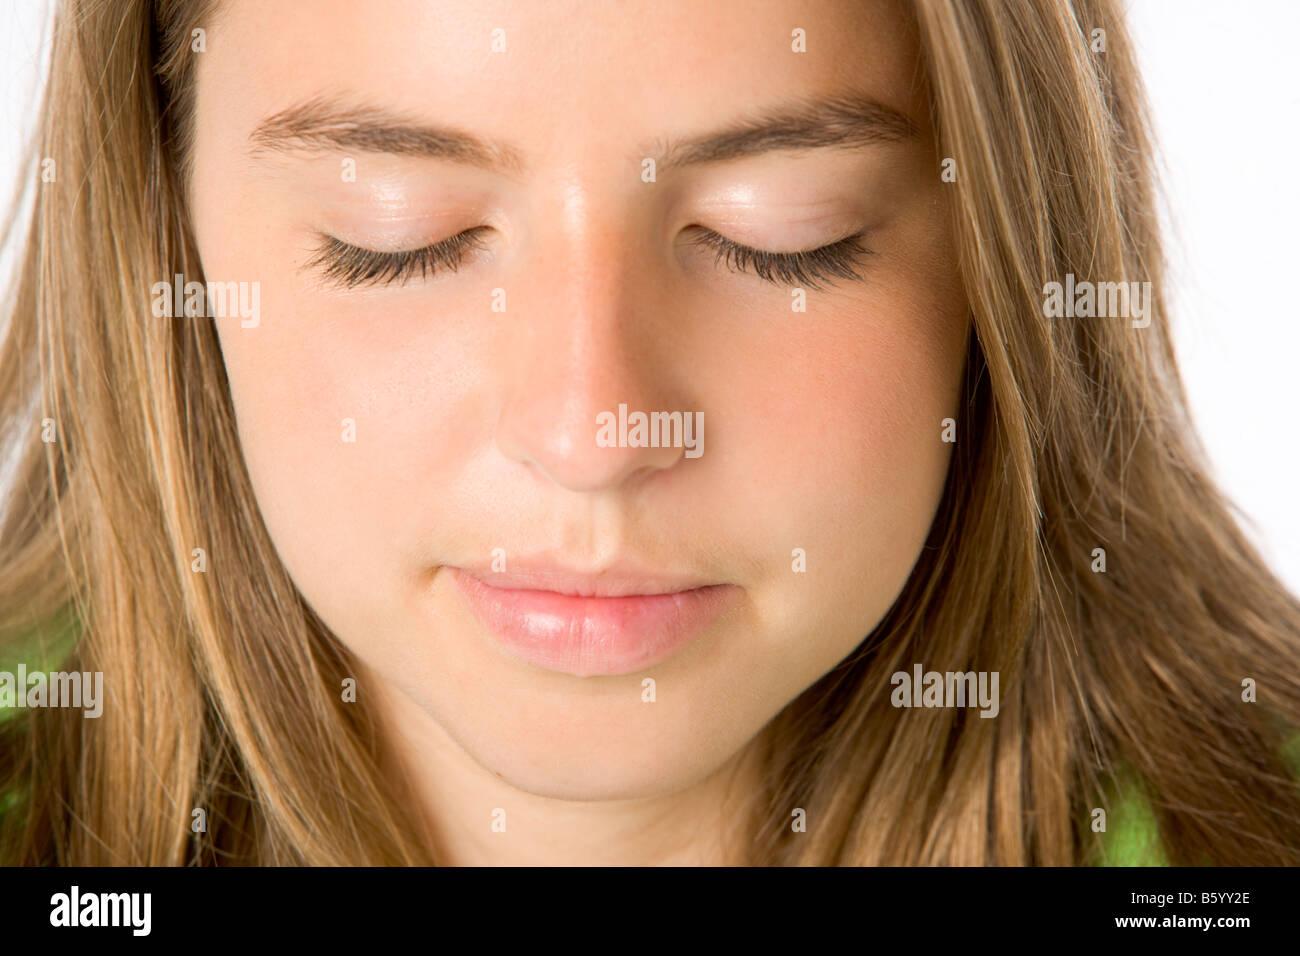 Ritratto di ragazza adolescente con gli occhi chiusi Foto Stock